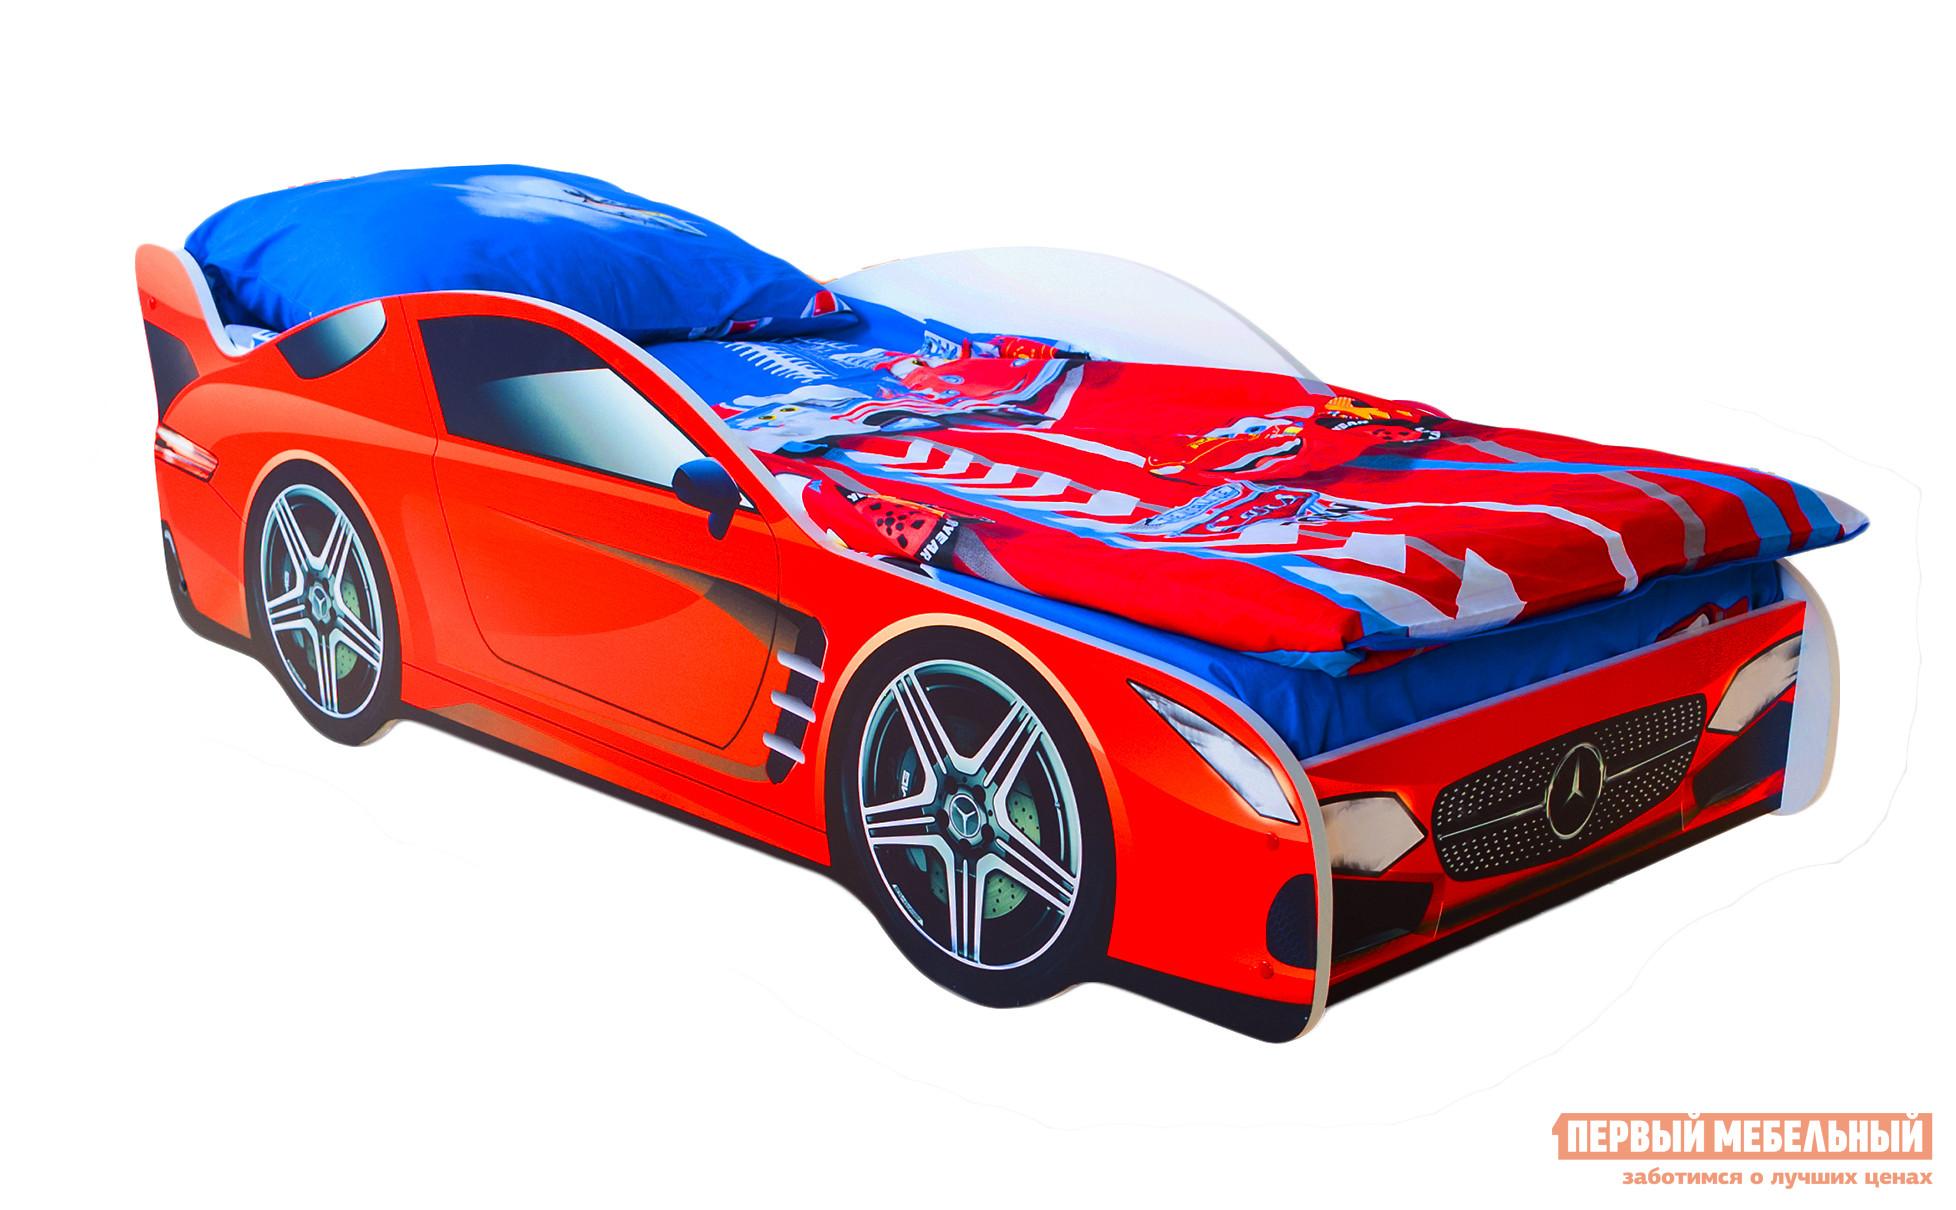 Кровать-машина Бельмарко Мерседес Красный, Без матрасаКровати-машины<br>Габаритные размеры ВхШхГ 500x750x1700 мм. Кроватка, исполненная в виде роскошного автомобиля-купе, перенесет вашего ребенка в мир скорости и веселья. Размер спального места составляет 700х1600 мм. Боковые линии кровати позволяют взрослому удобно сидеть, пока ребенок засыпает, при этом малыш никогда не упадет во сне. Модель очень легко собирается в течении 10 минут. Основание под матрас — деревянные прочные латы, выдерживающие нагрузку до 200 кг.  Латы позволяют матрасу «дышать», если он намокнет — достаточно его перевернуть и он высохнет. Материал изготовления — ЛДСП класса E1 с прямой ультрафиолетовой печатью, что обеспечивает долговечность и безопасность в эксплуатации. Обратите внимание! Необходимо выбрать комплектацию: с матрасом или без. Также вы можете дополнительно заказать светодиодную подсветку дна кровати и пластиковые объемные колеса, с которыми вы можете более подробно ознакомиться во вкладке «Аксессуары».<br><br>Цвет: Красный<br>Высота мм: 500<br>Ширина мм: 750<br>Глубина мм: 1700<br>Кол-во упаковок: 2<br>Форма поставки: В разобранном виде<br>Срок гарантии: 1 год<br>Материал: Дерево<br>Материал: ЛДСП<br>С бортиками: Да<br>С колесами: Да<br>С матрасом: Да<br>С подсветкой: Да<br>Возраст: От 3-х лет<br>Модель: Гонка<br>Модель: Мерседес<br>Пол: Для мальчиков